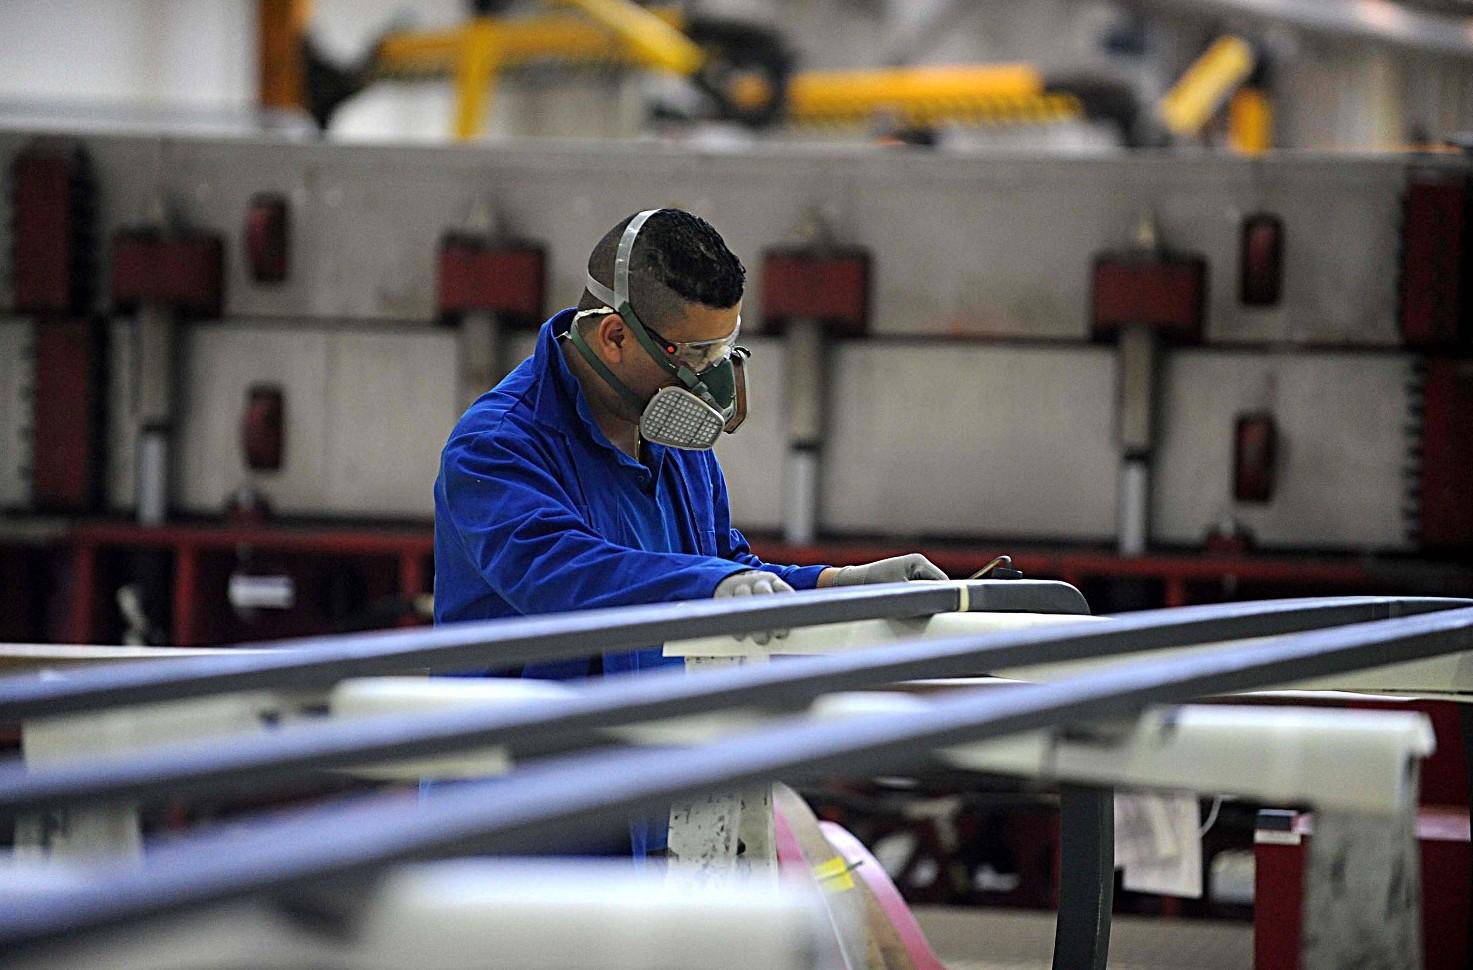 Contratto metalmeccanici artigiani stipendi, livelli, permessi, malattie, ferie, licenziamento